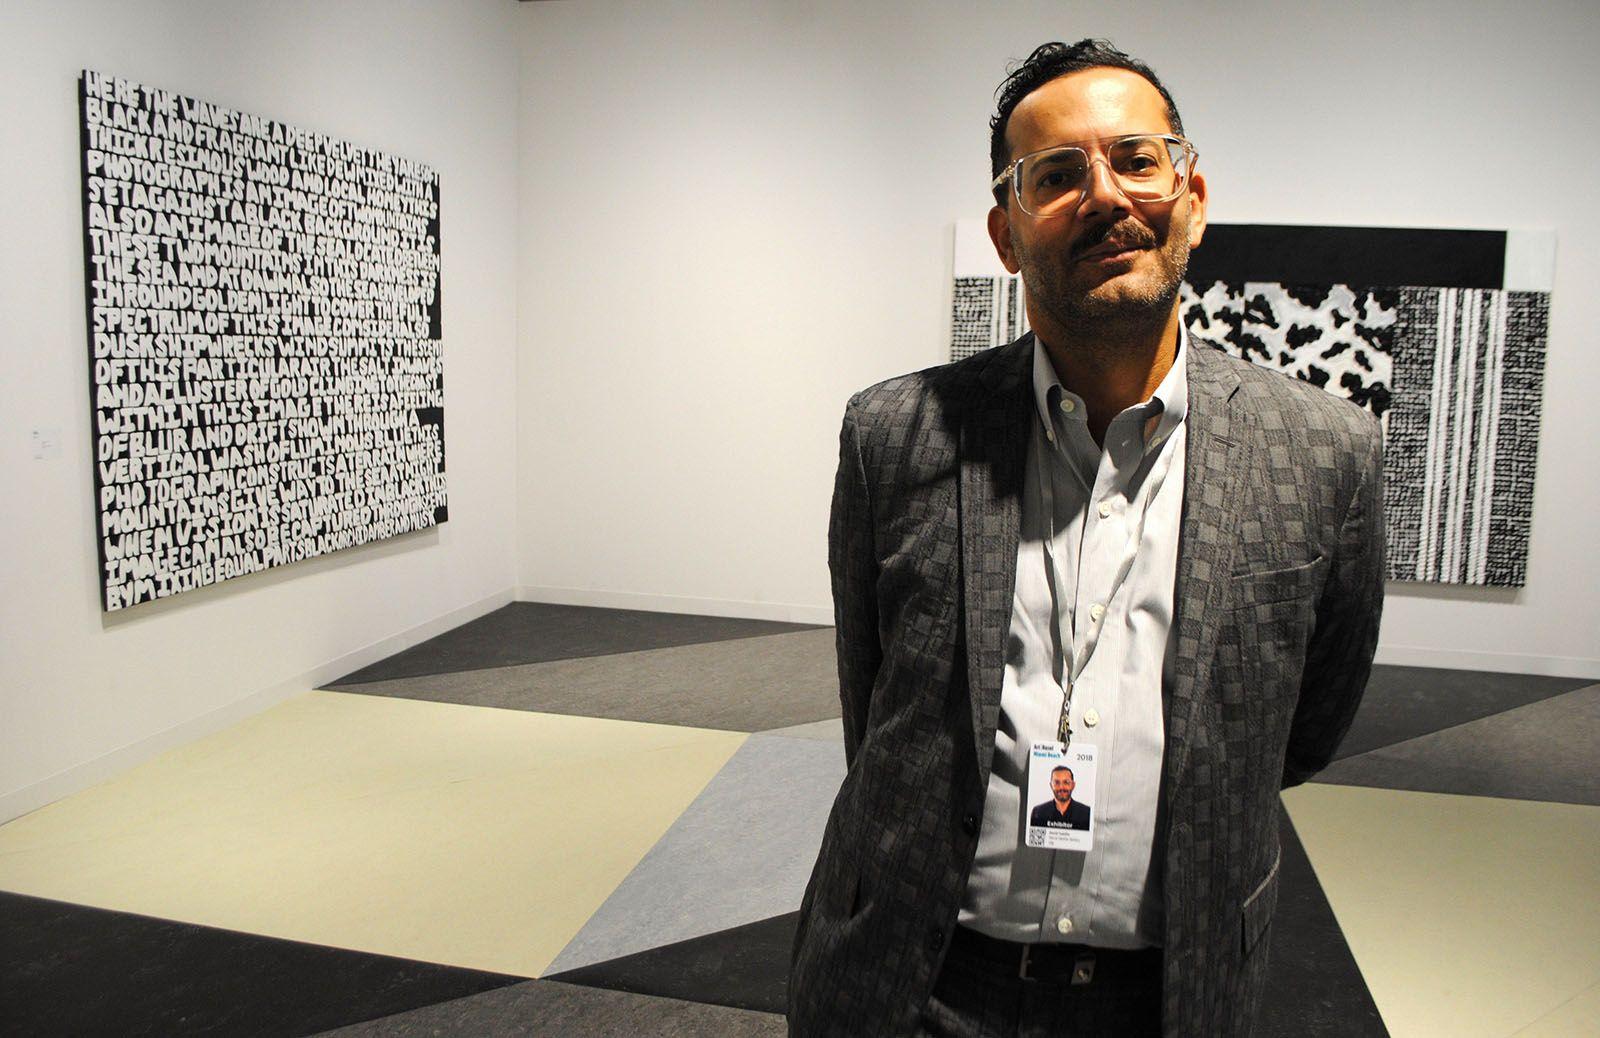 El director de la Galería David Castillo de Miami Beach, David Castillo, en el espacio dedicado a su galería durante la presentación de la feria Art Basel en el Centro de Convenciones de Miami Beach, Florida, el 5 de diciembre de 2018. Foto: Antoni Belchi / EFE.